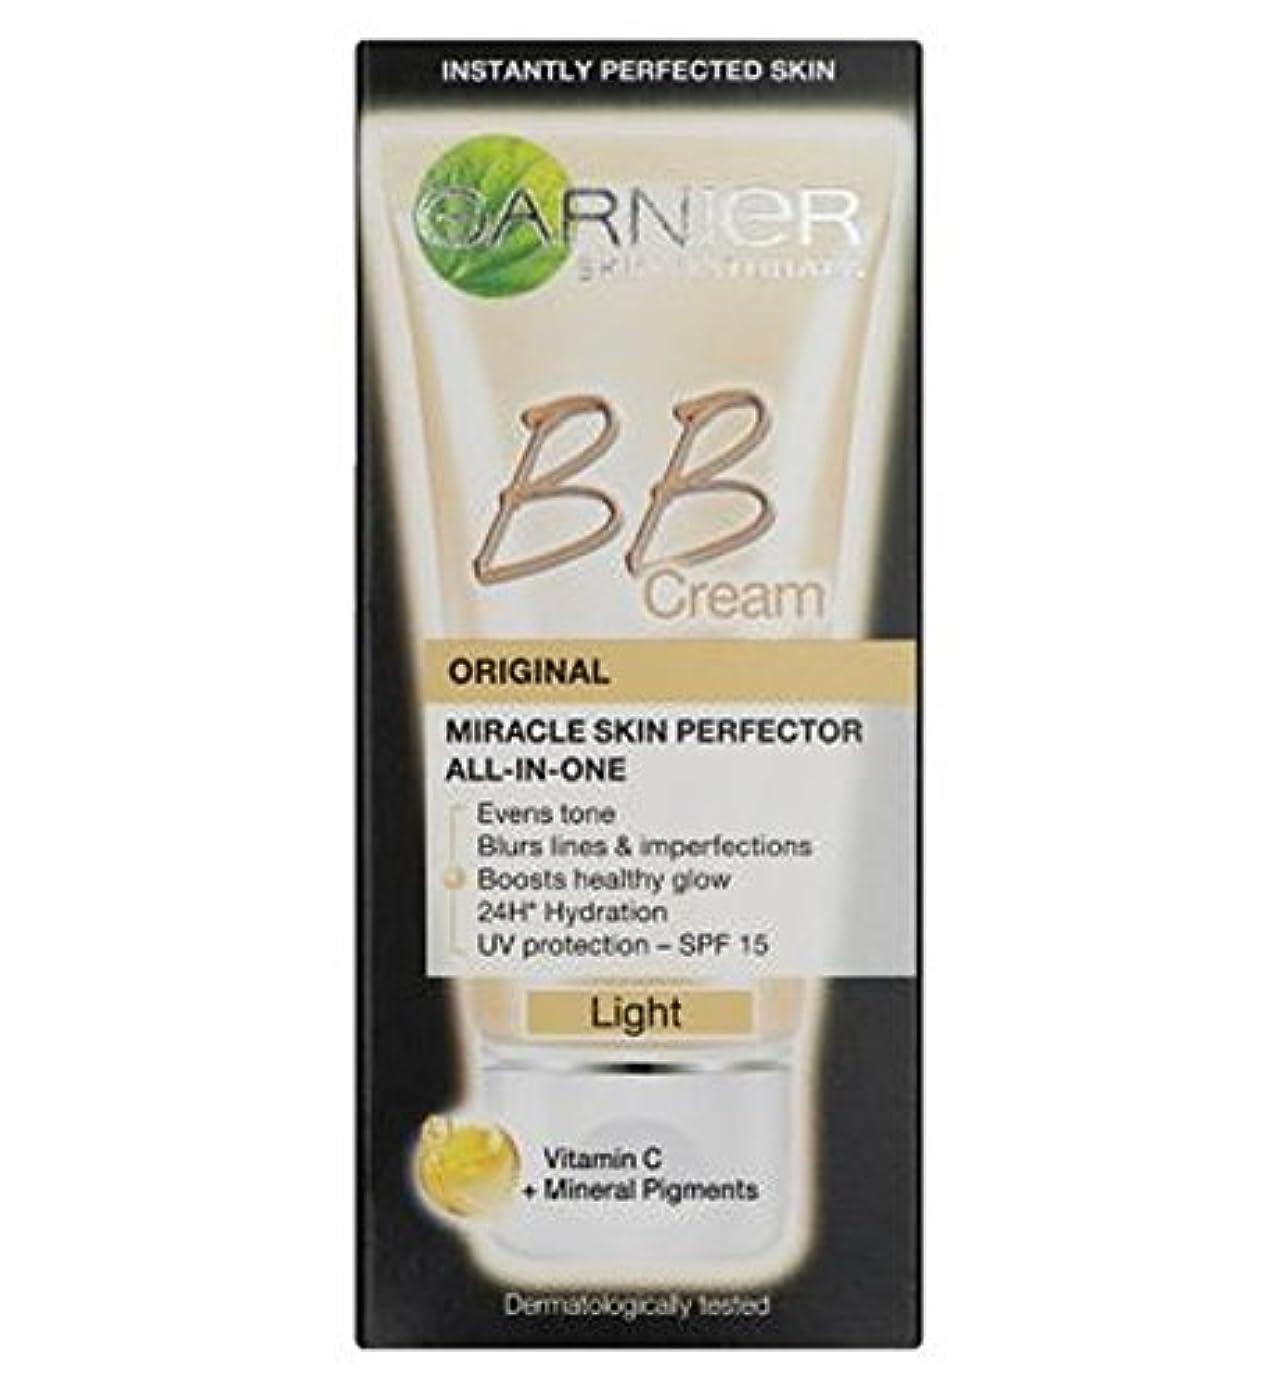 気候ラビリンス拡声器Garnier Skin Perfector Daily All-In-One B.B. Blemish Balm Cream Light 50ml - 毎日オールインワンB.B.ガルニエスキンパーフェク傷バームクリームライト...